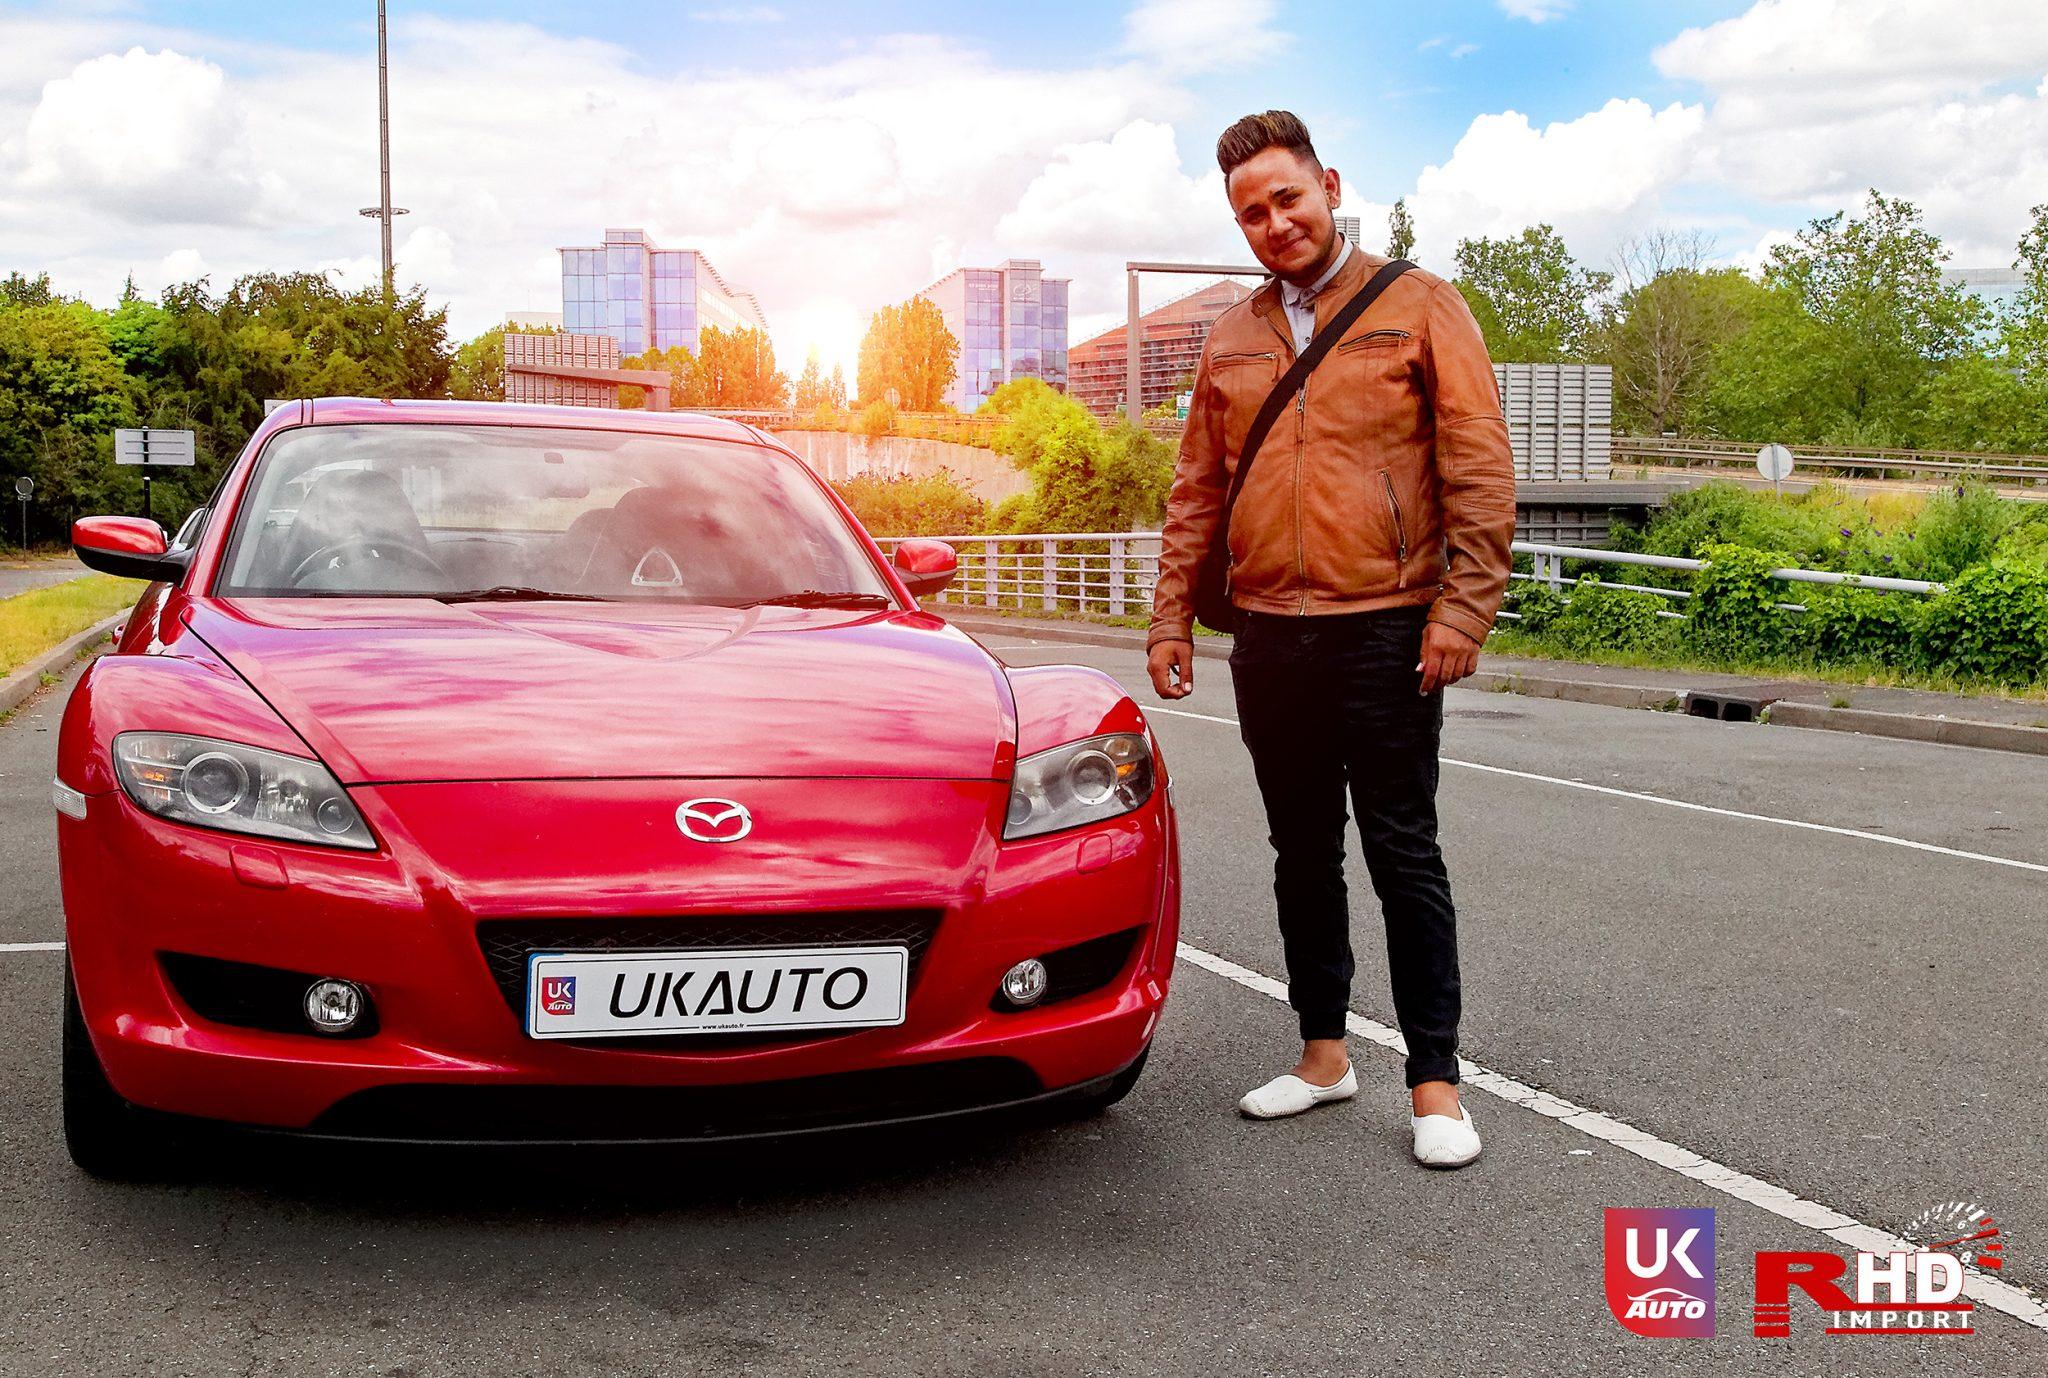 ukauto import uk angleterre mazda rx8 import voiture anglaise auto uk14 - Felecitation a Jeremie pour cette Mazda RX8 RHD import voiture anglaise N1 UK